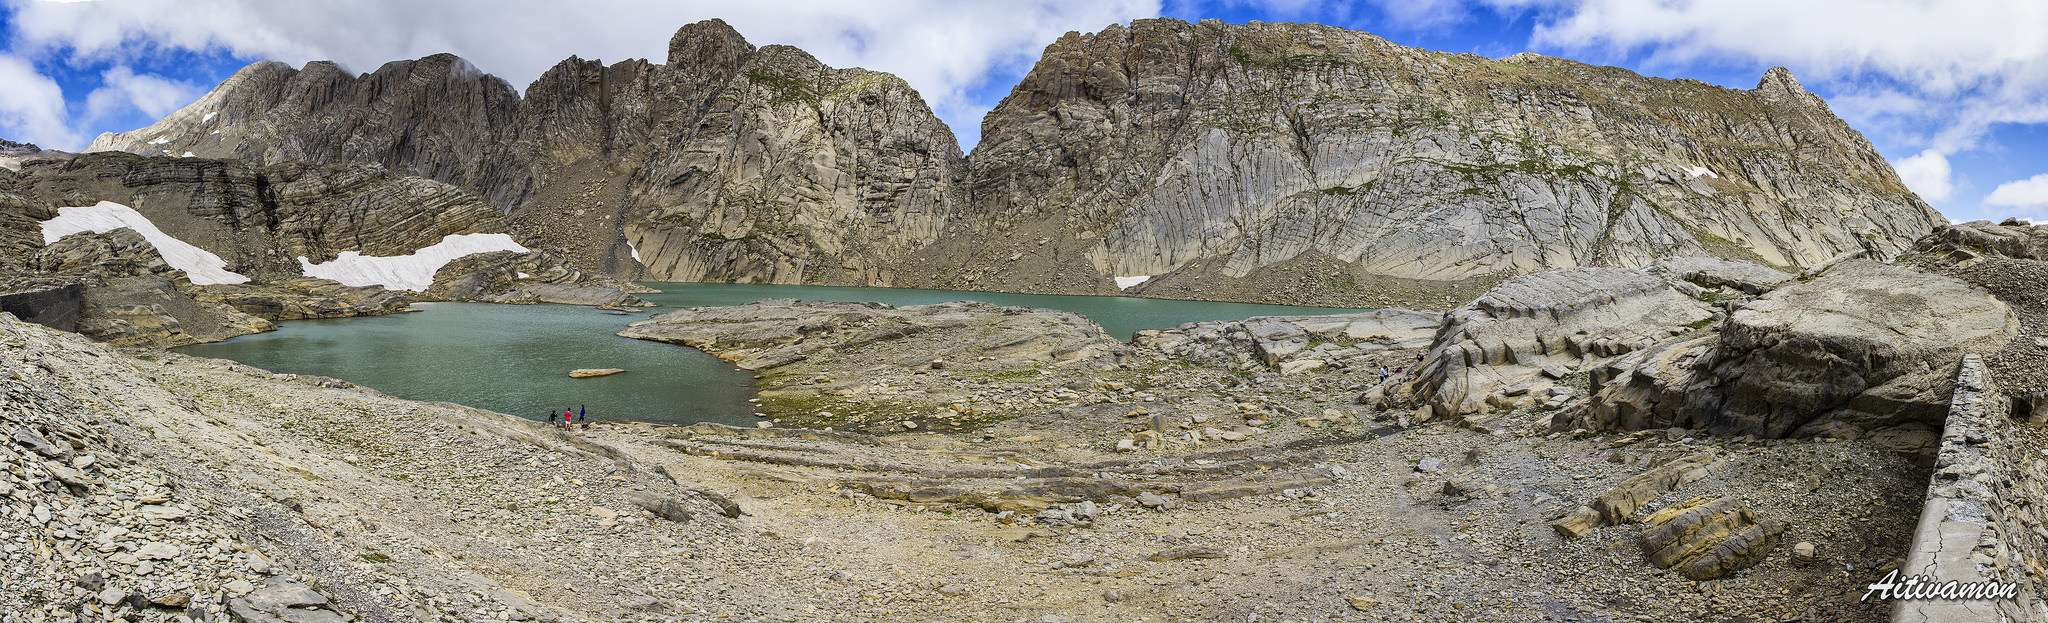 Ibón de Marboré de Aitivamon NATURE en www.flickr.com